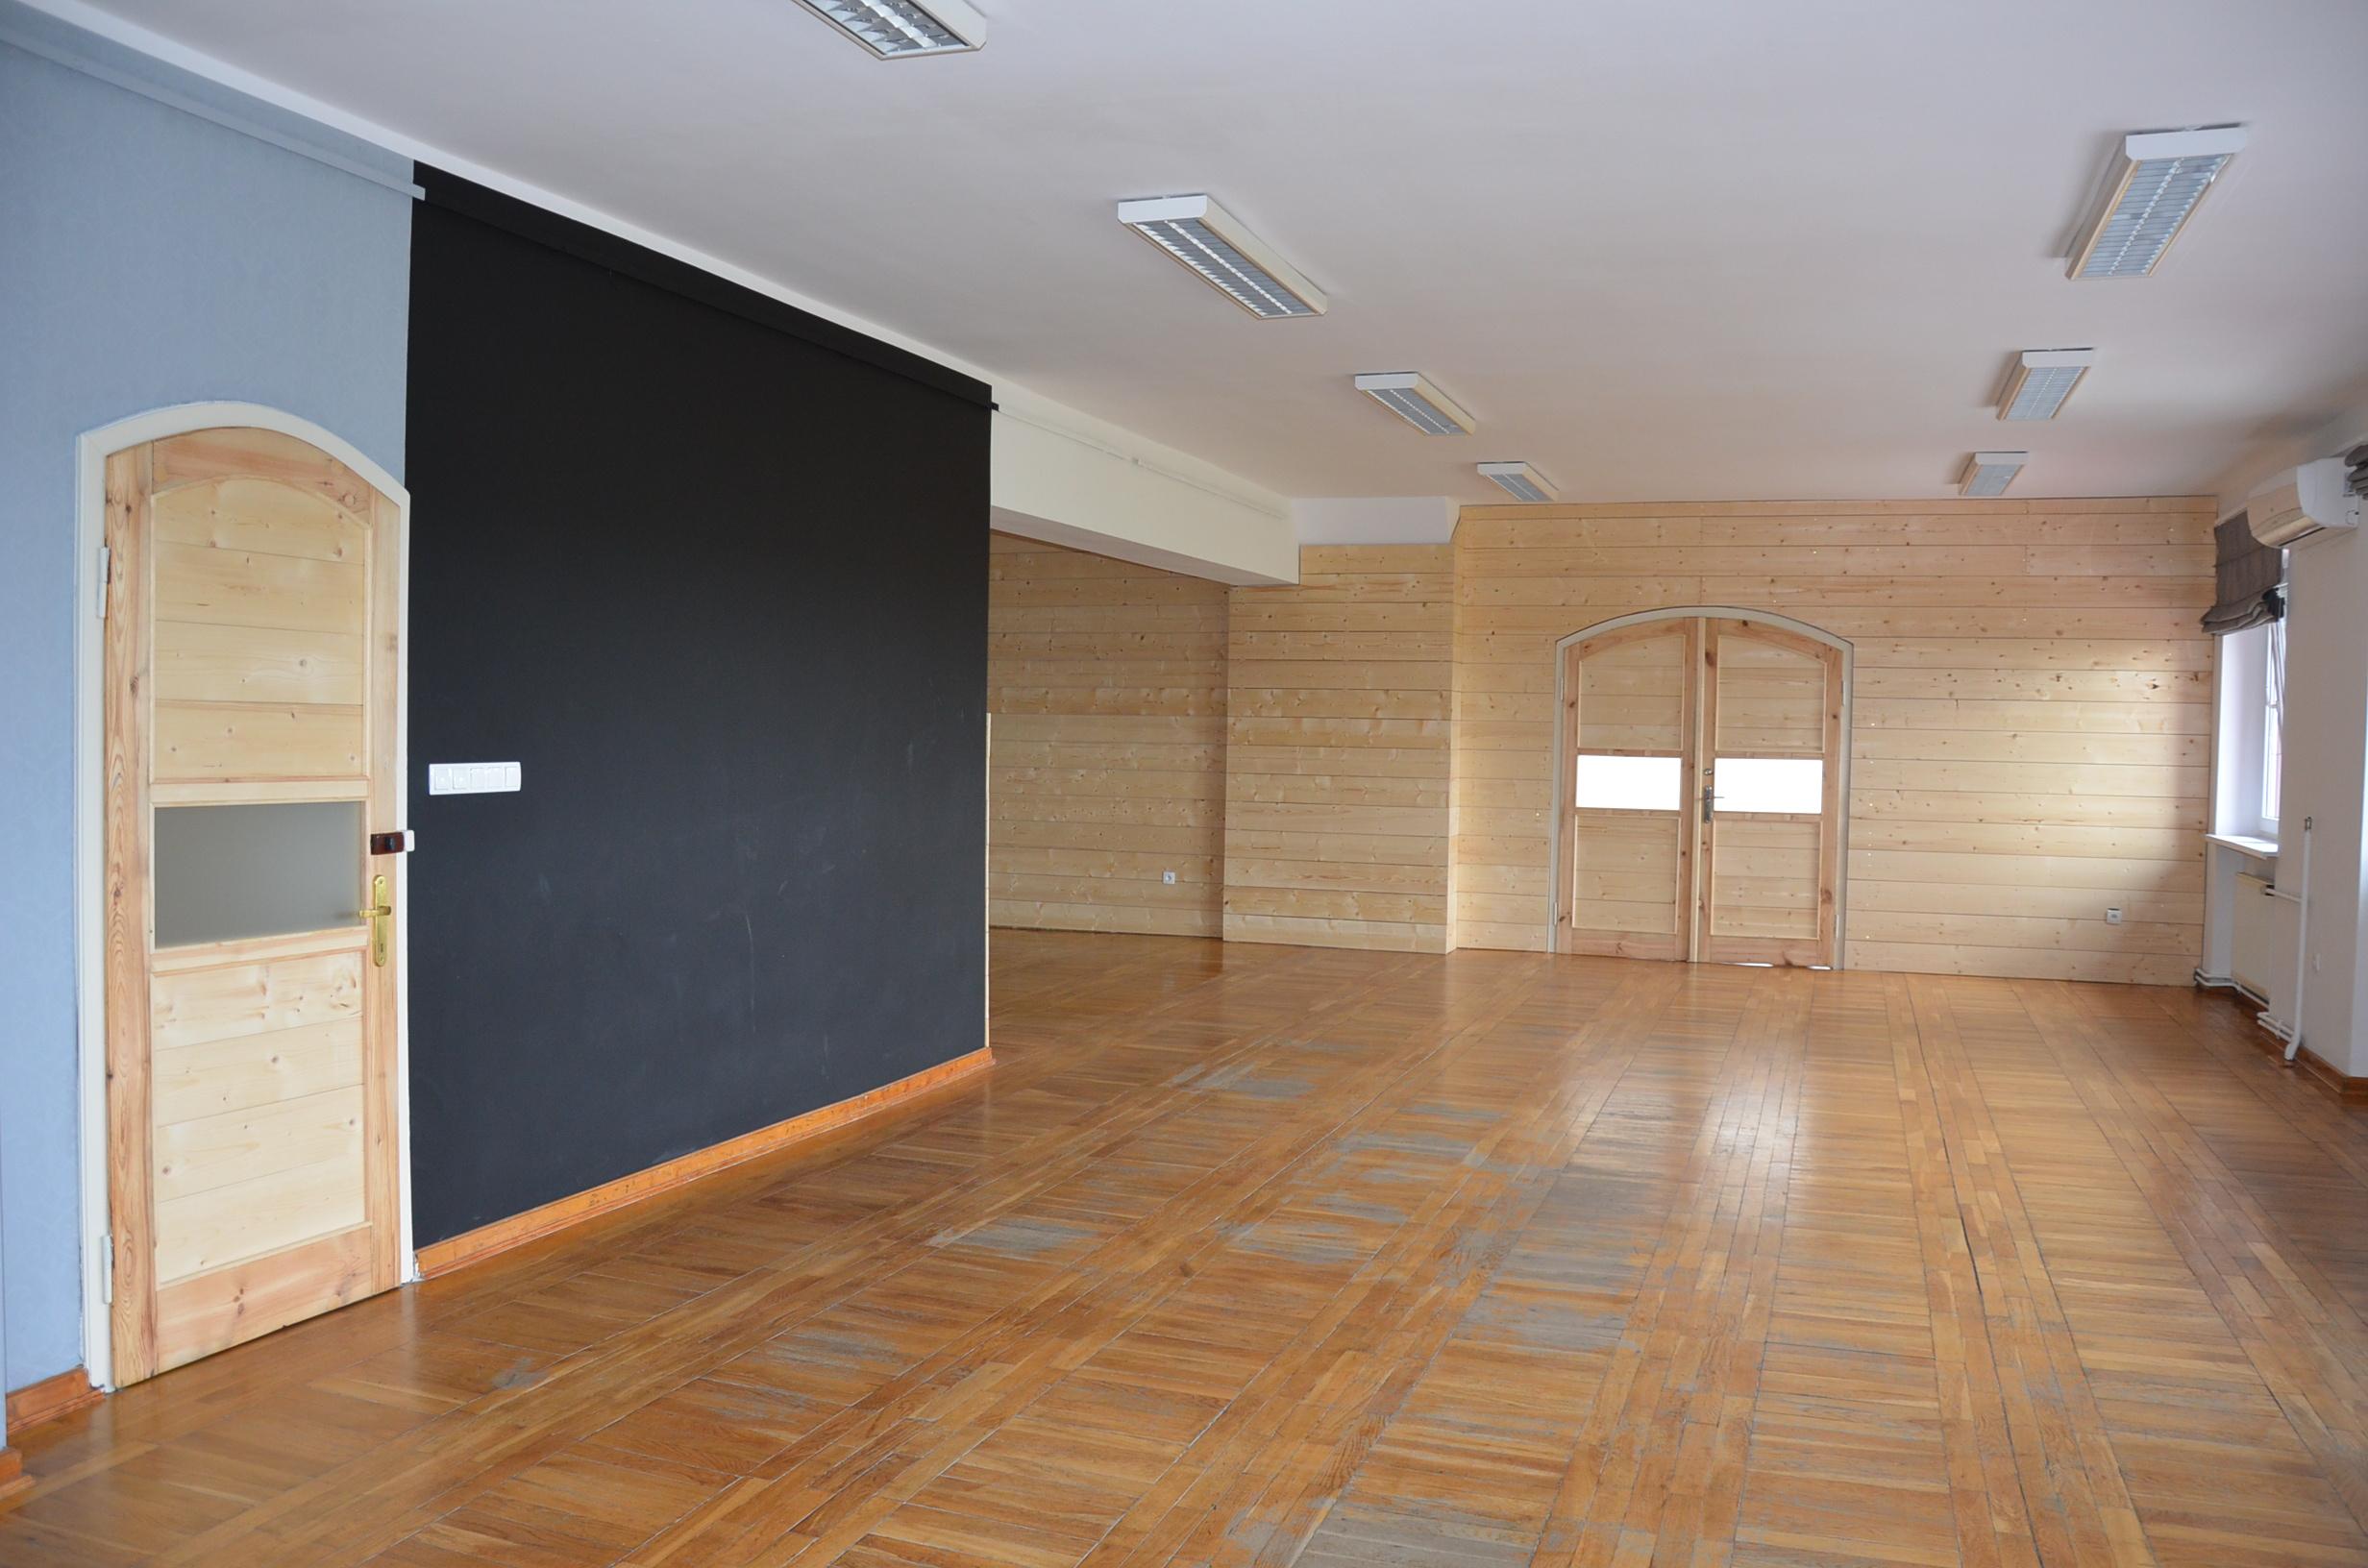 Zdjęcie przedstawia salę w Cenrum kultury